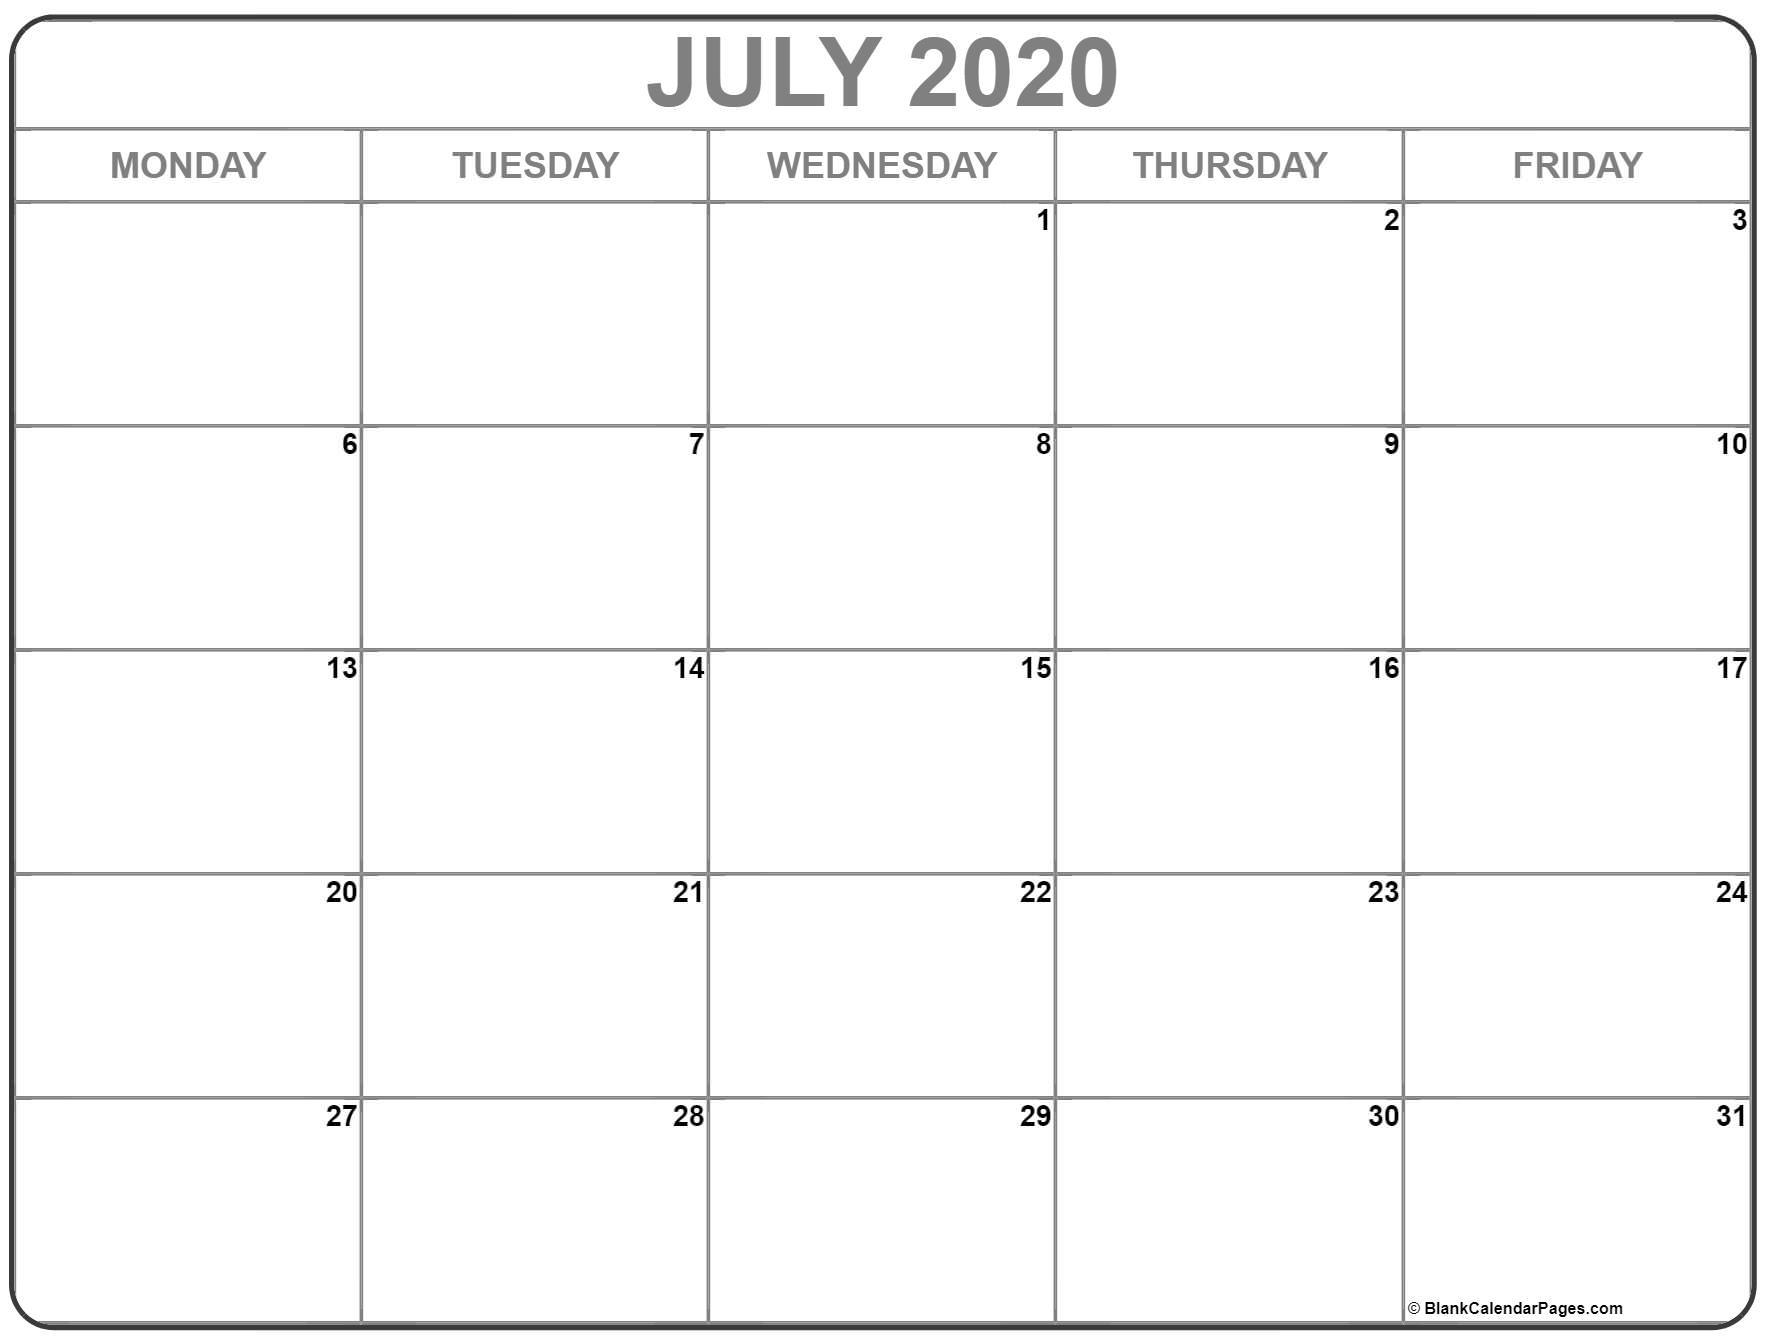 July 2020 Monday Calendar | Monday To Sunday